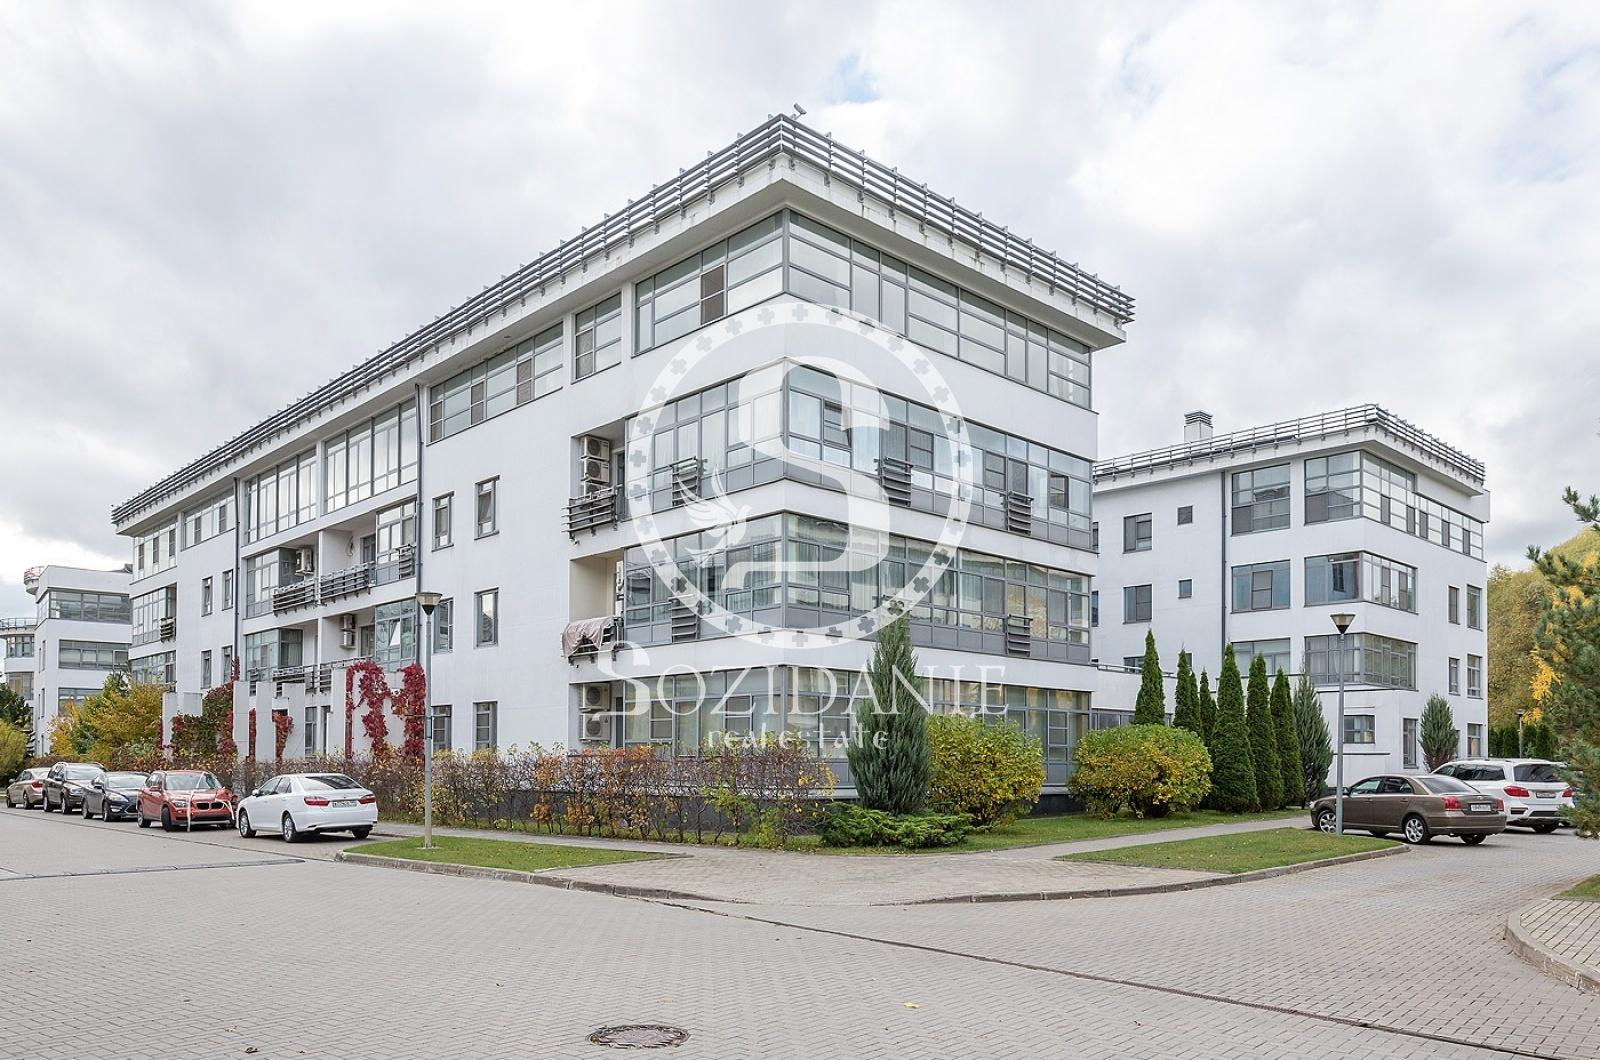 2 Комнаты, Городская, Аренда, Островной проезд, Listing ID 3542, Москва, Россия,